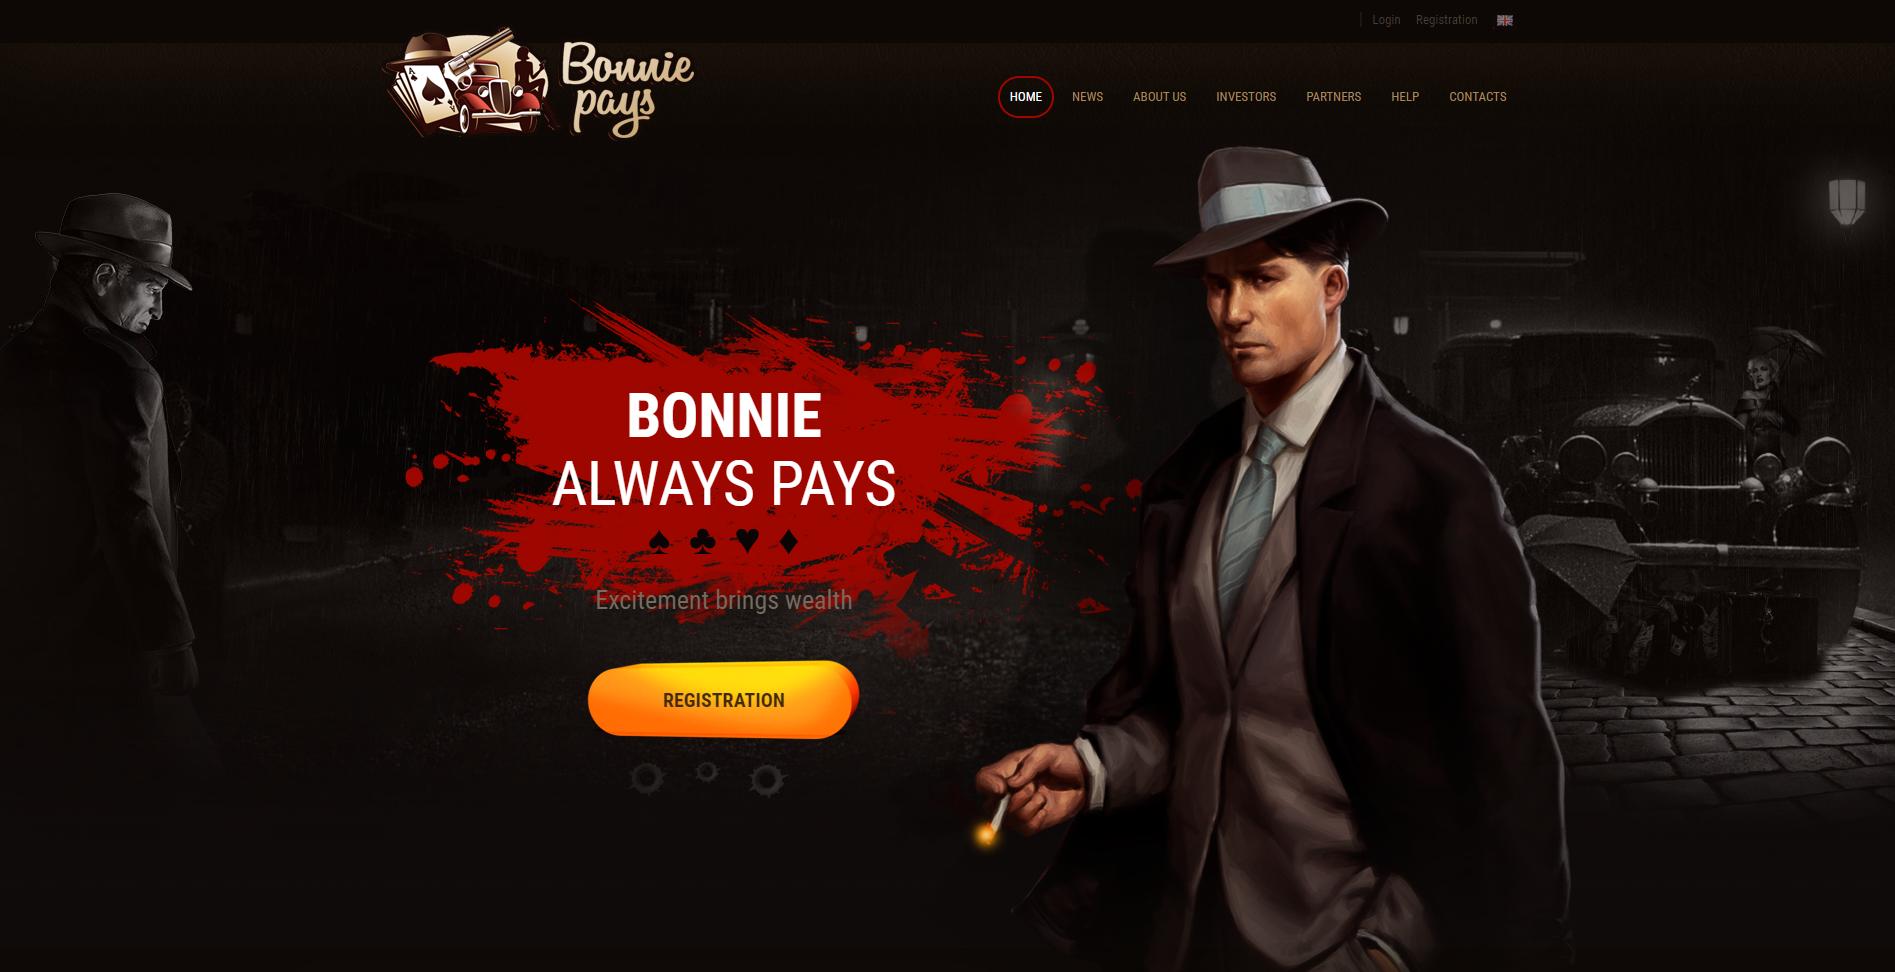 Bonniepays - bonniepays.com